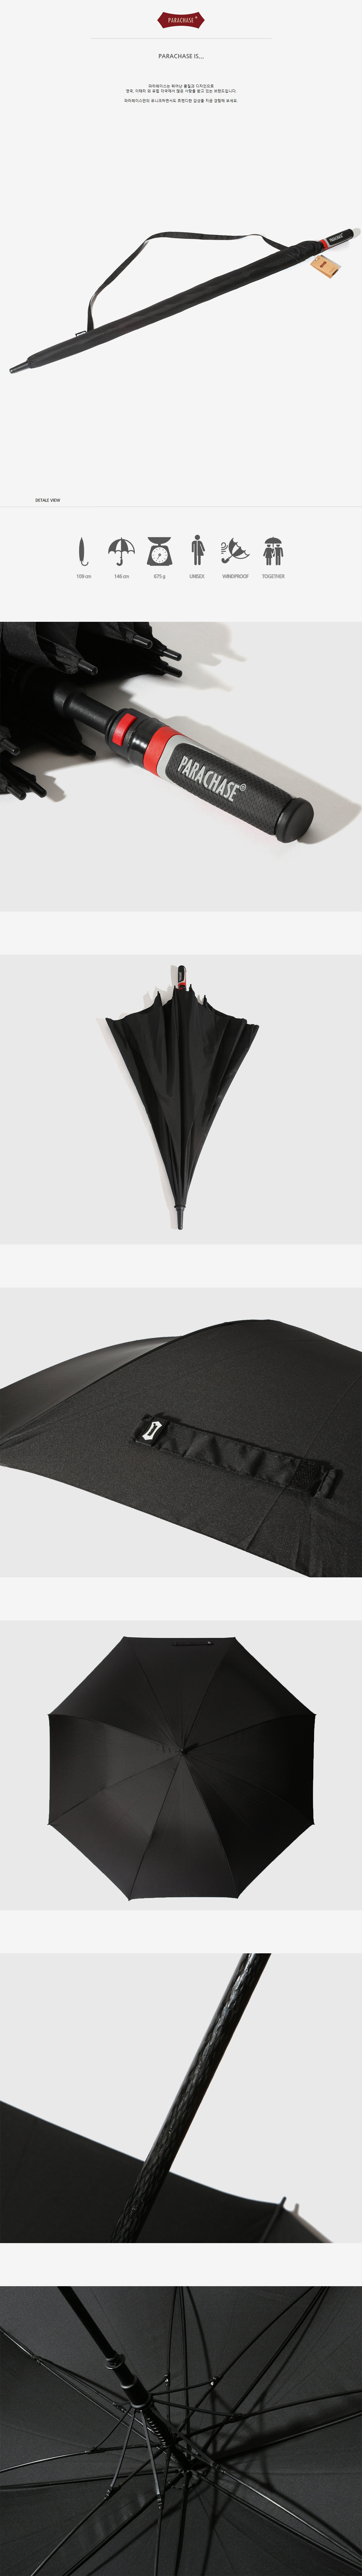 파라체이스(PARACHASE) 1104 스포티 핸들 골프 자동 초대형 장우산